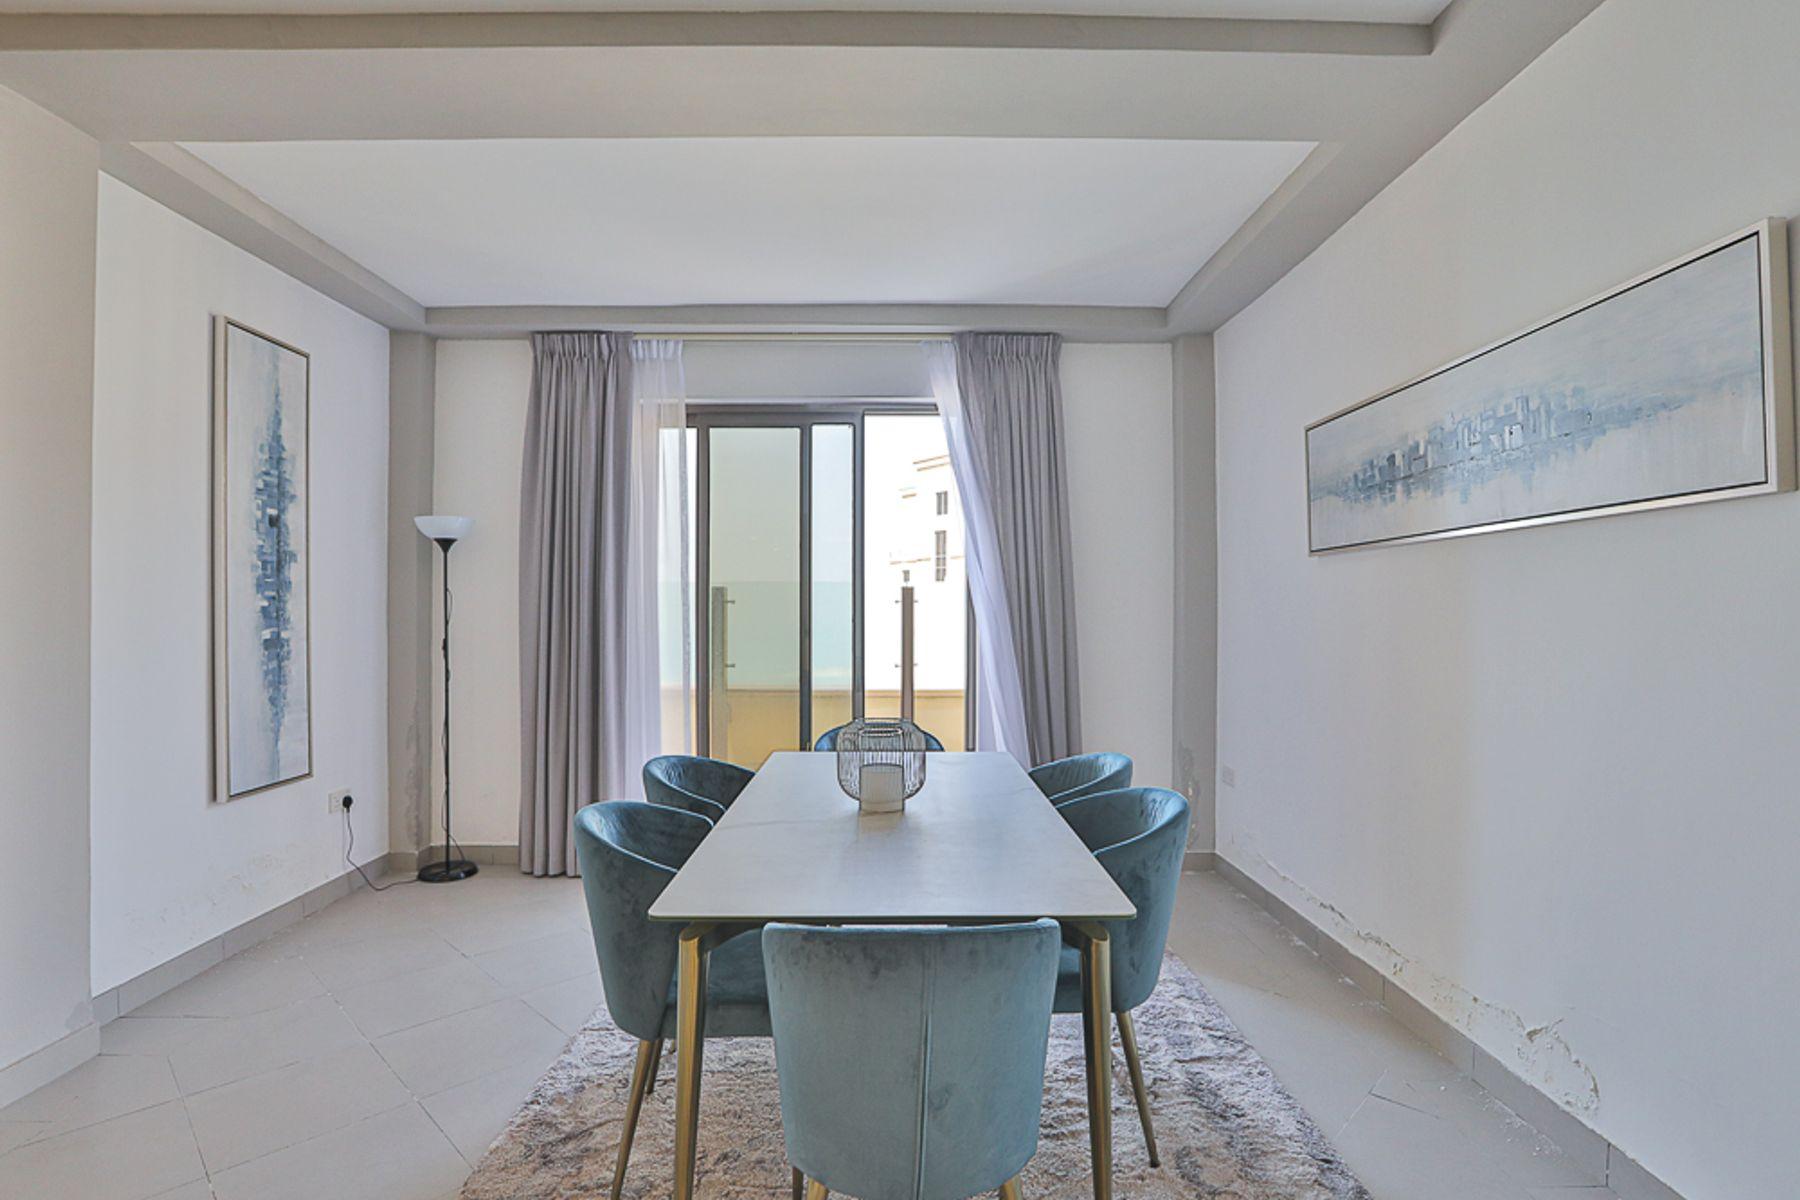 للبيع - شقة - مرجان 1 - مساكن شاطئ الجميرا